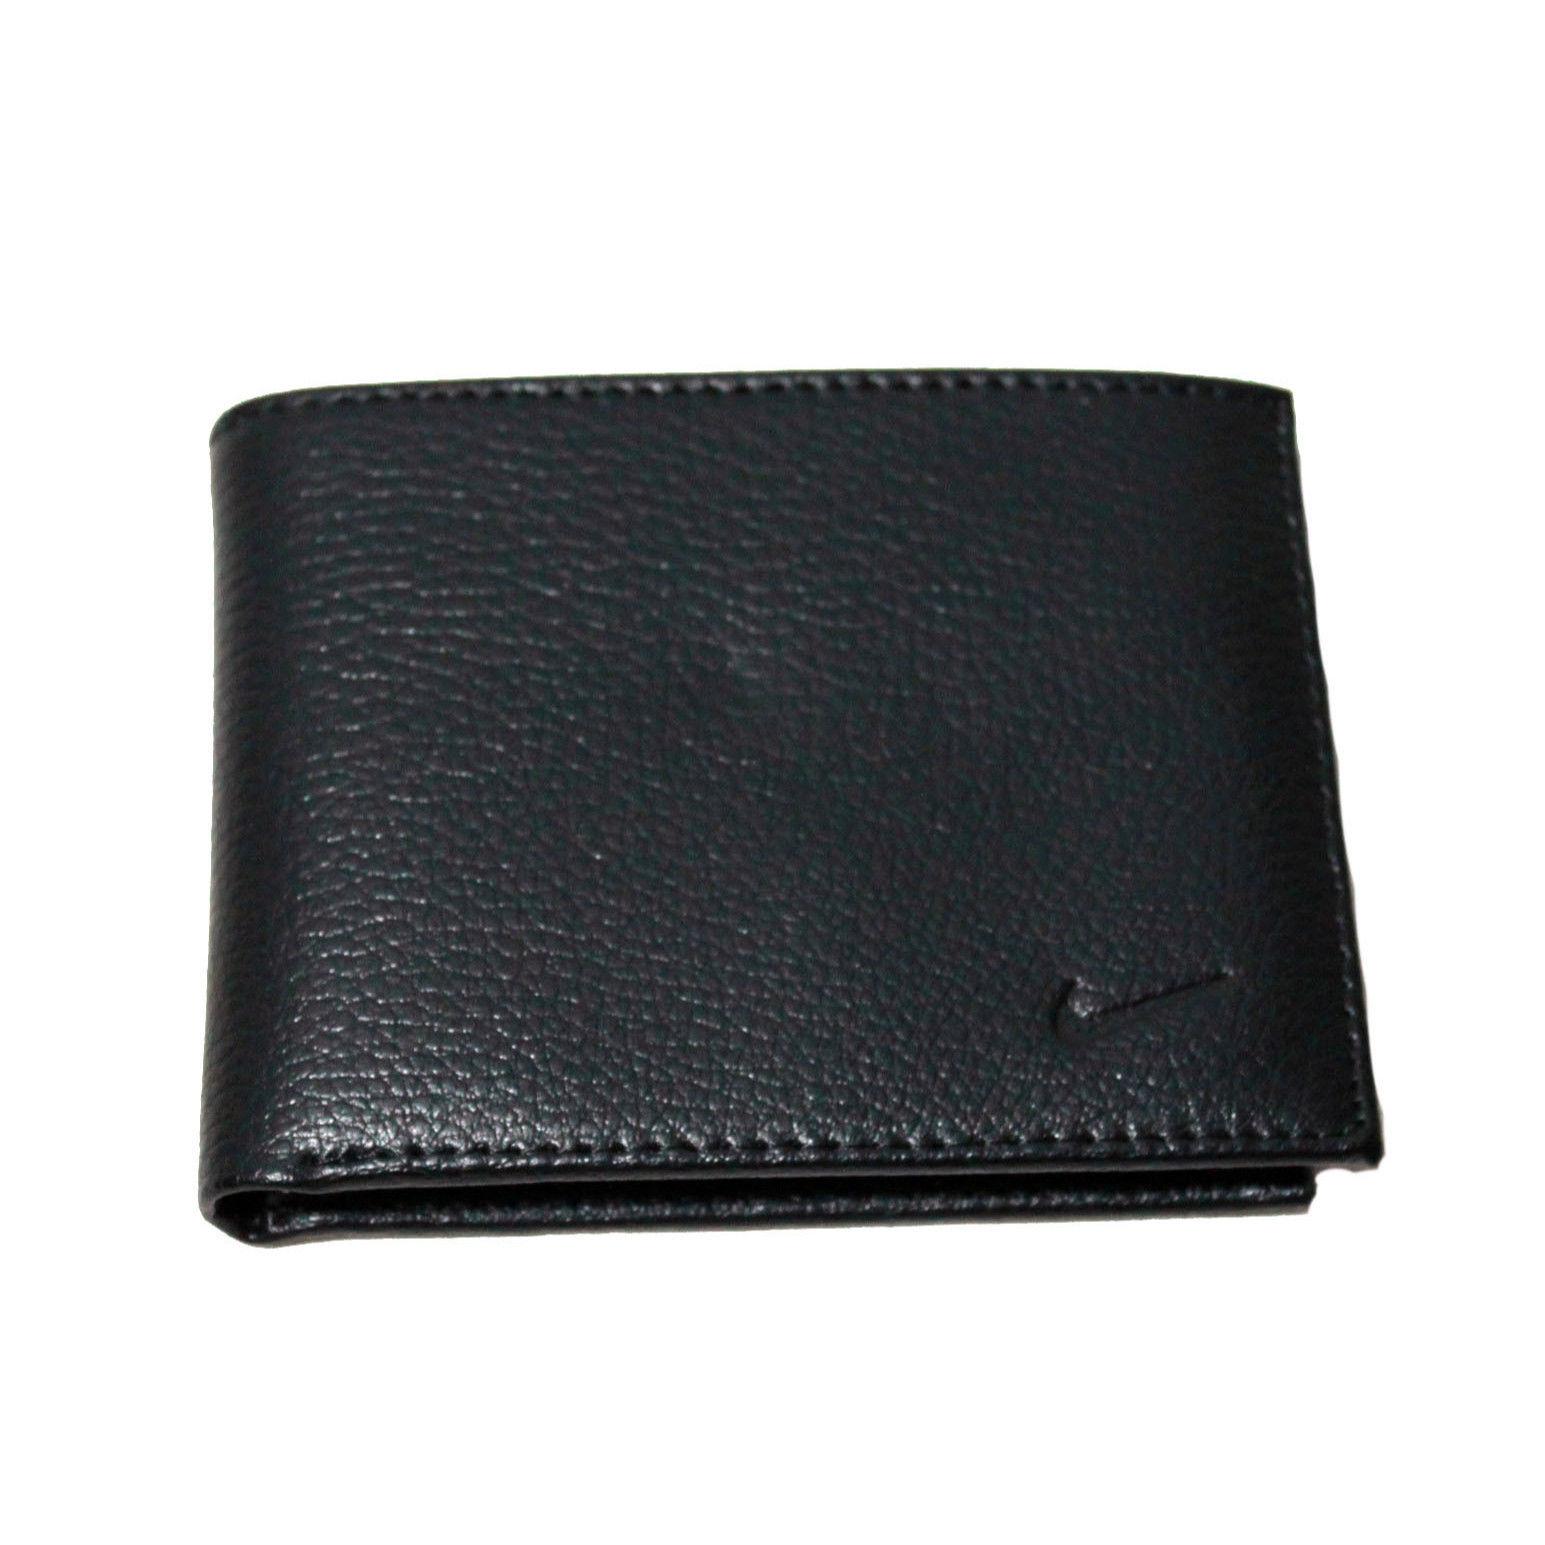 新品 海外限定 NIKE Billetera Nike Passcase  ナイキ 二つ折り財布 パスケース付き (RS5007701)